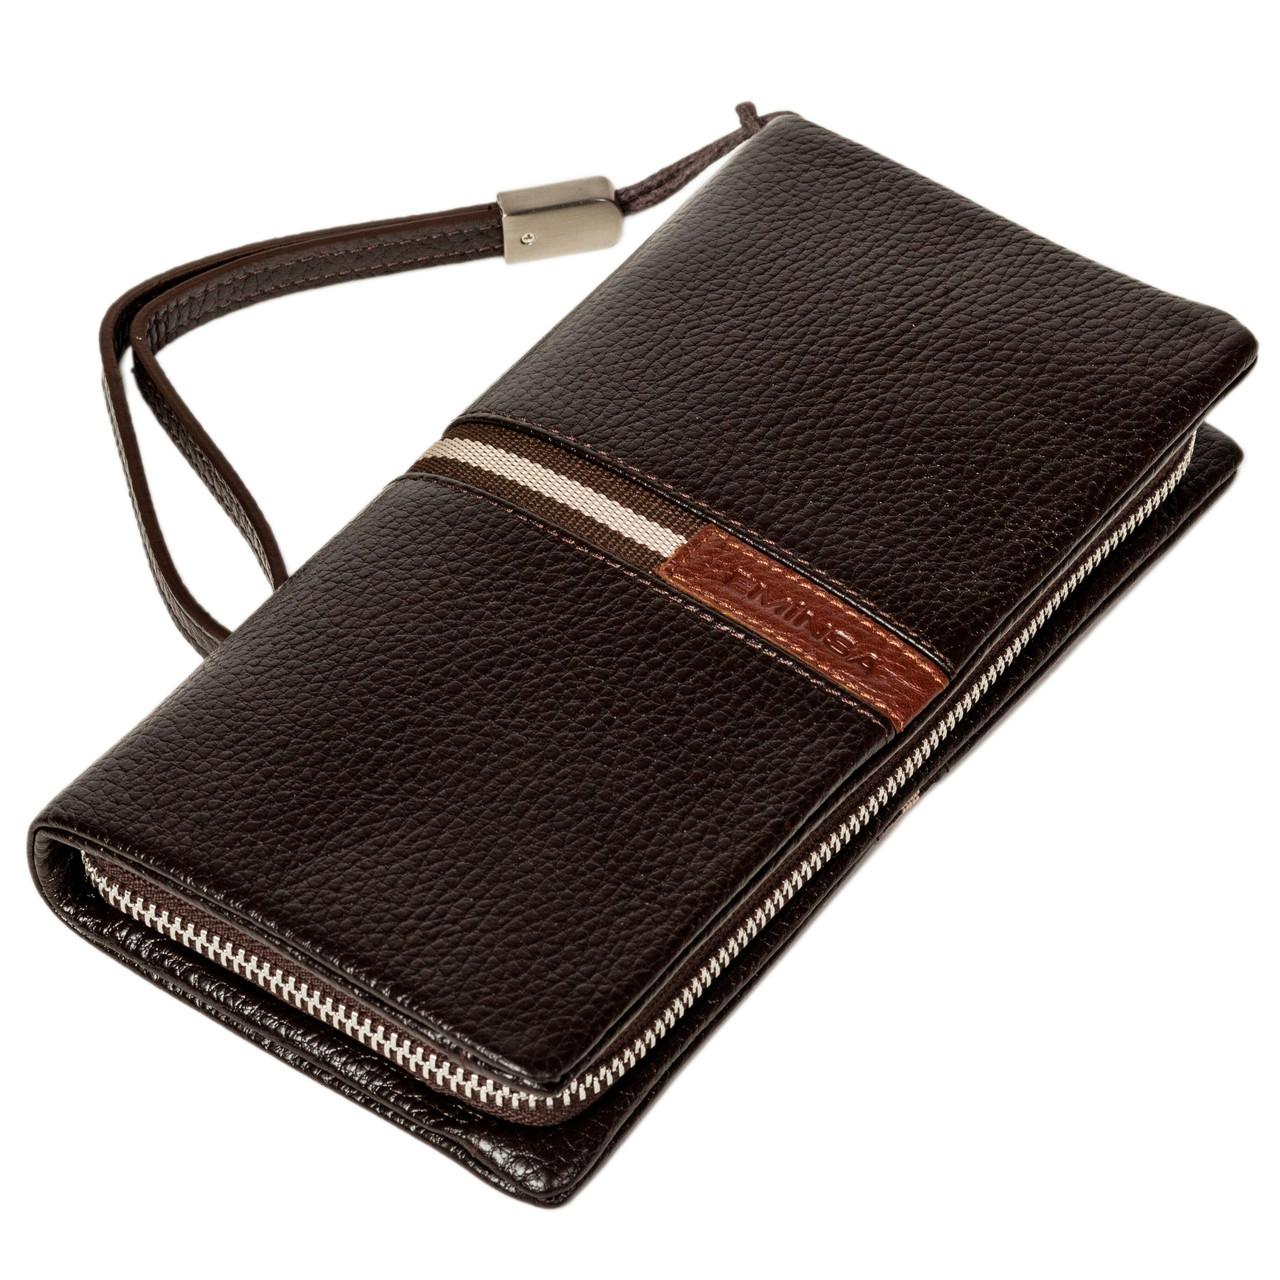 Мужской кошелек клатч Eminsa 5113-37-3 кожаный коричневый